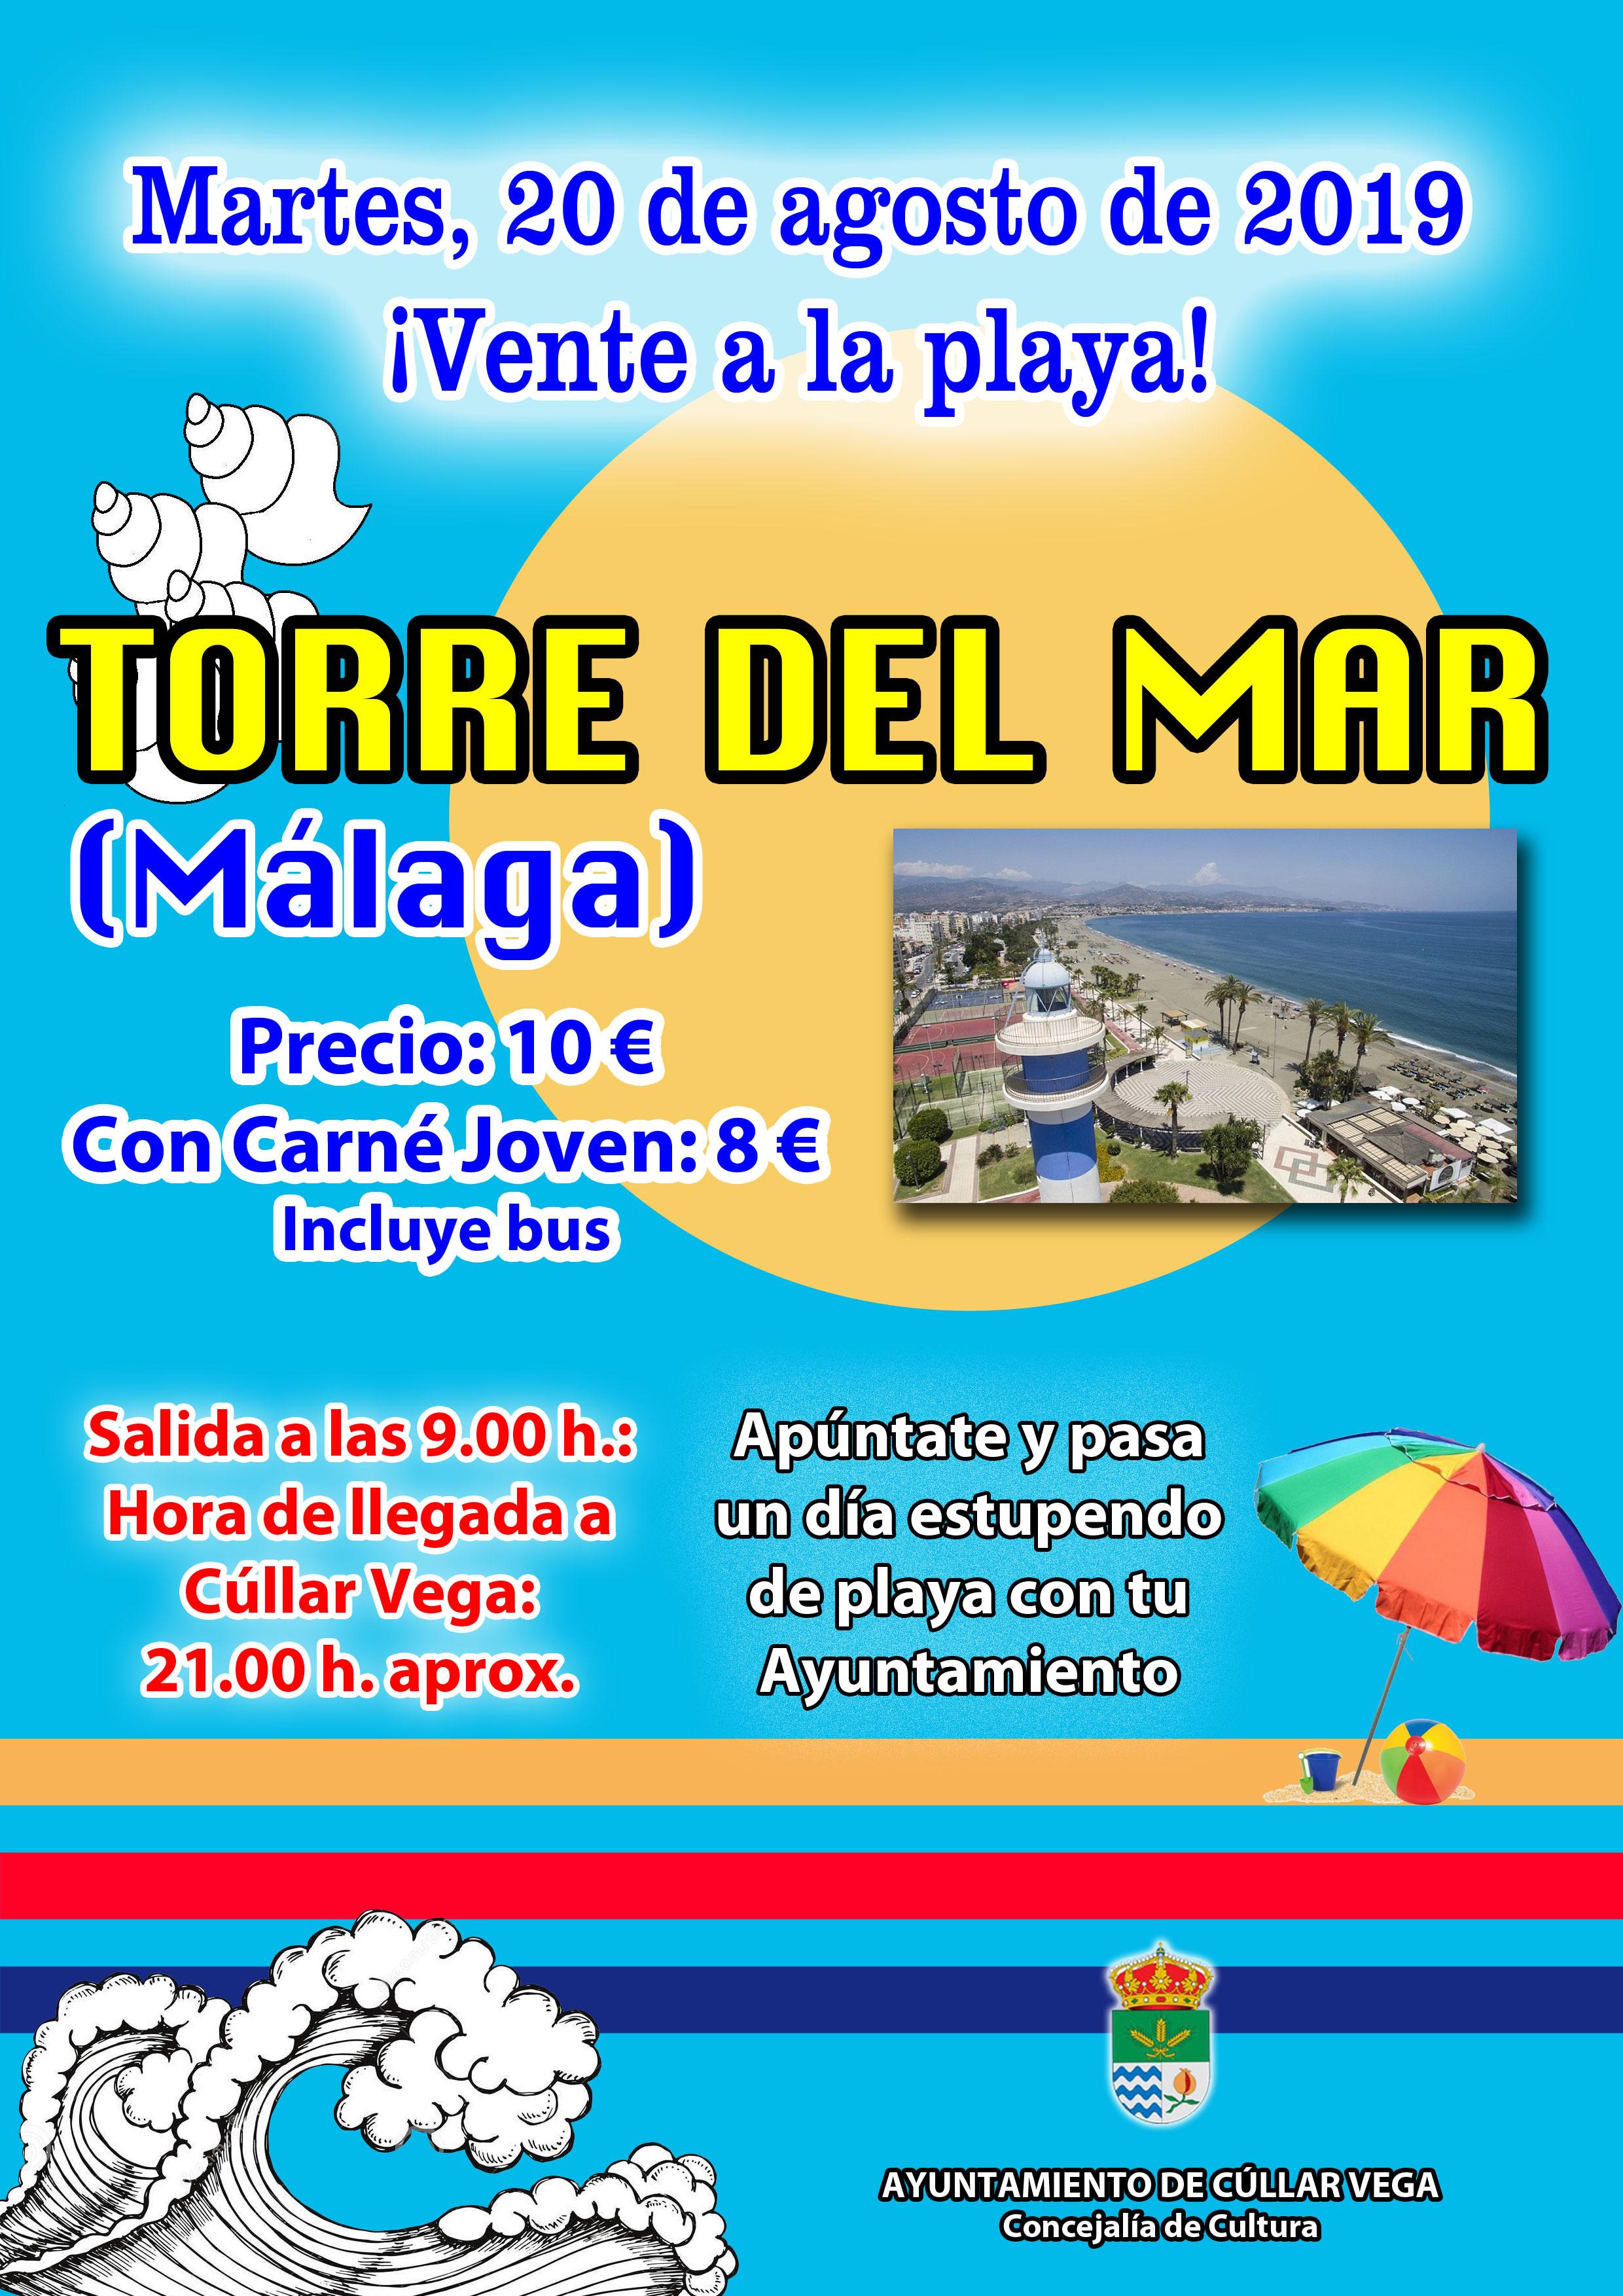 ¡Vente a la playa! Playa de Torre del Mar